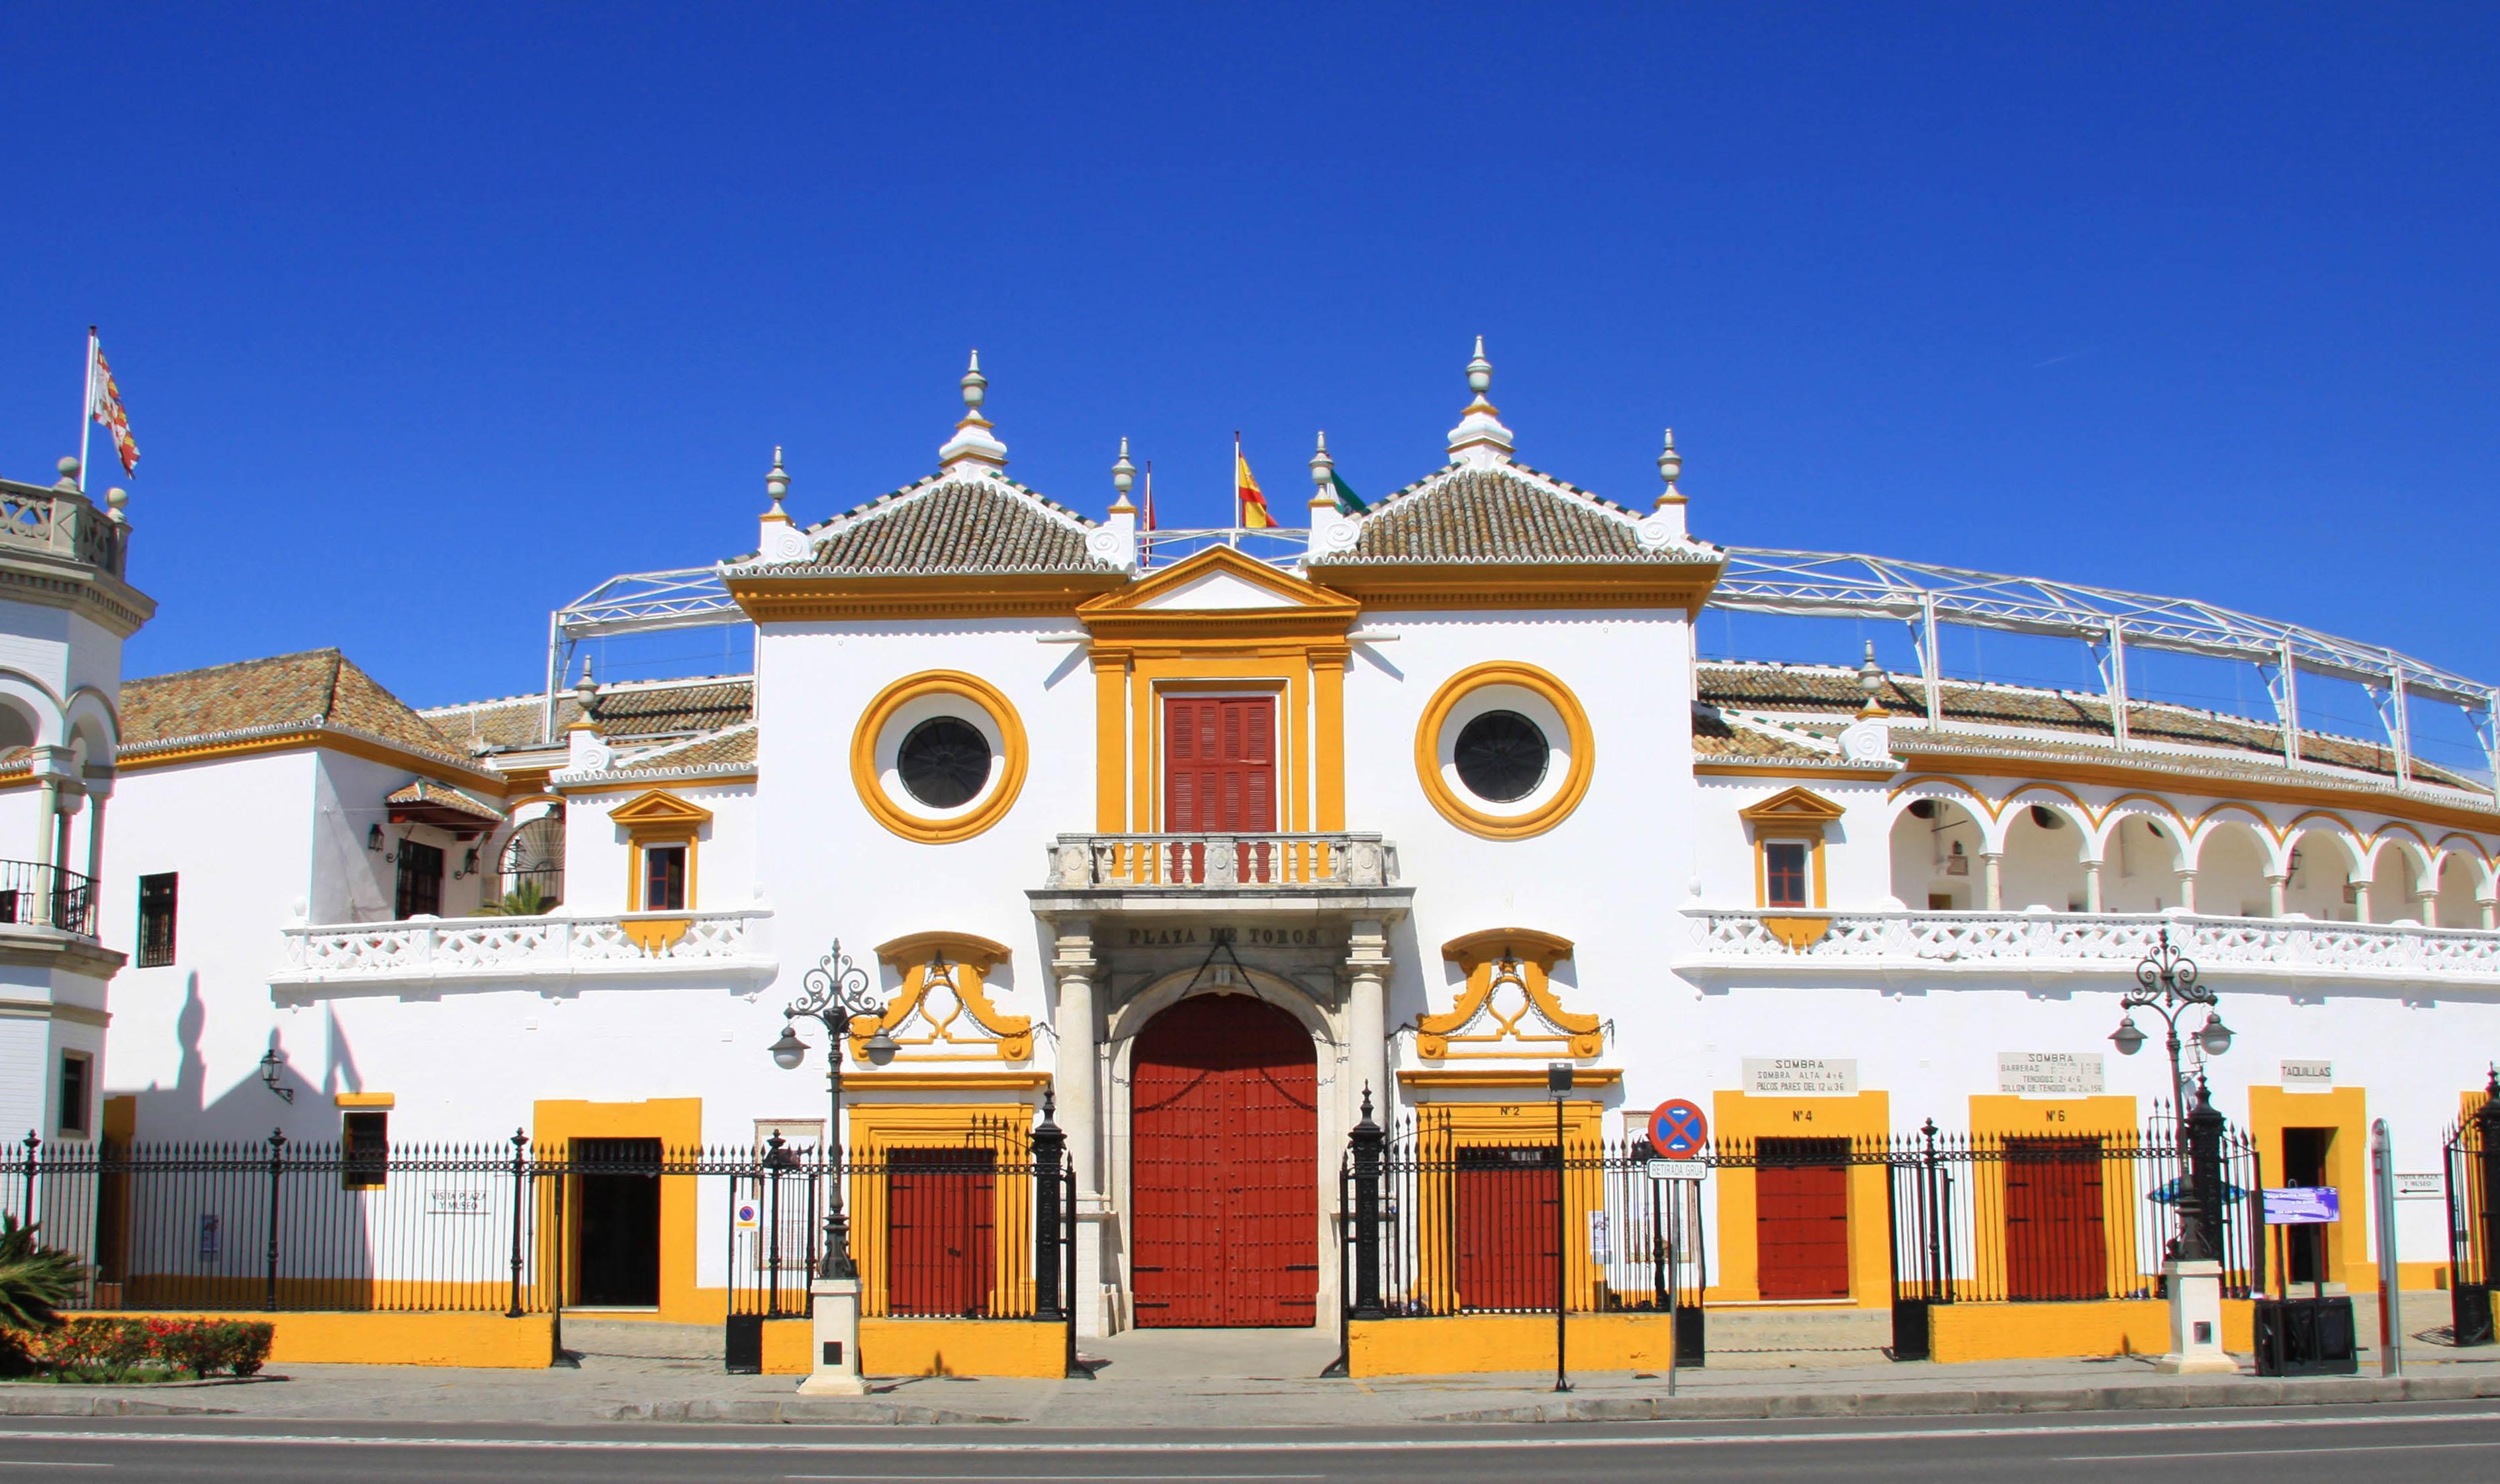 Plaza de Toros de la Maestranza.jpg